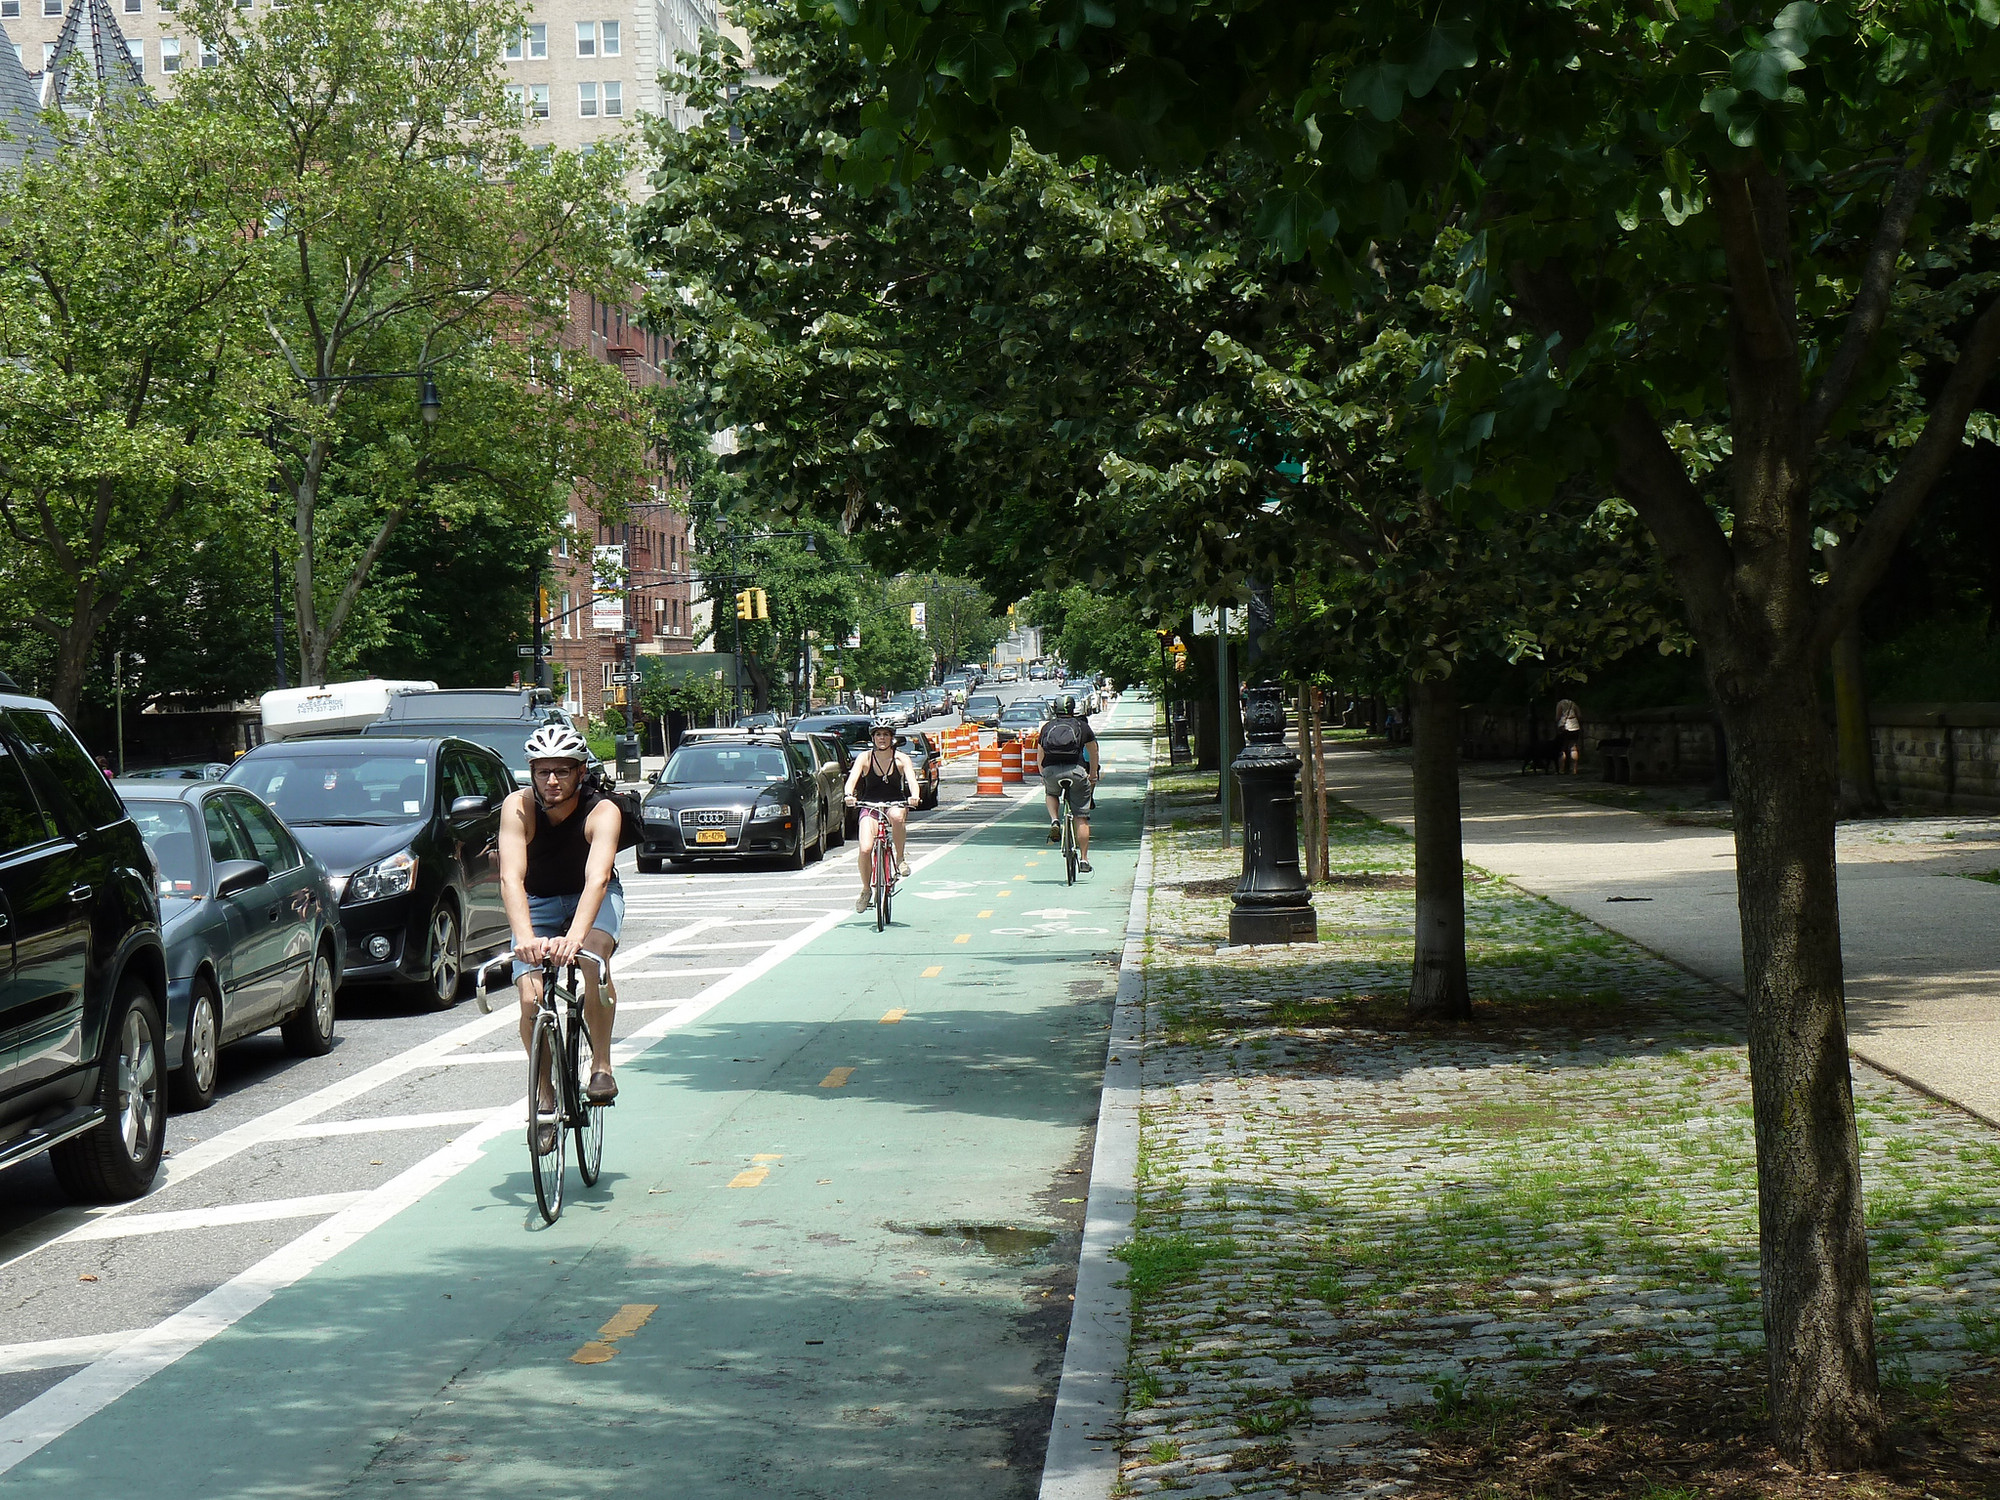 Guia de Desenho Urbano de Ciclovias: Conselhos da organização NACTO para um ciclismo urbano eficiente e seguro